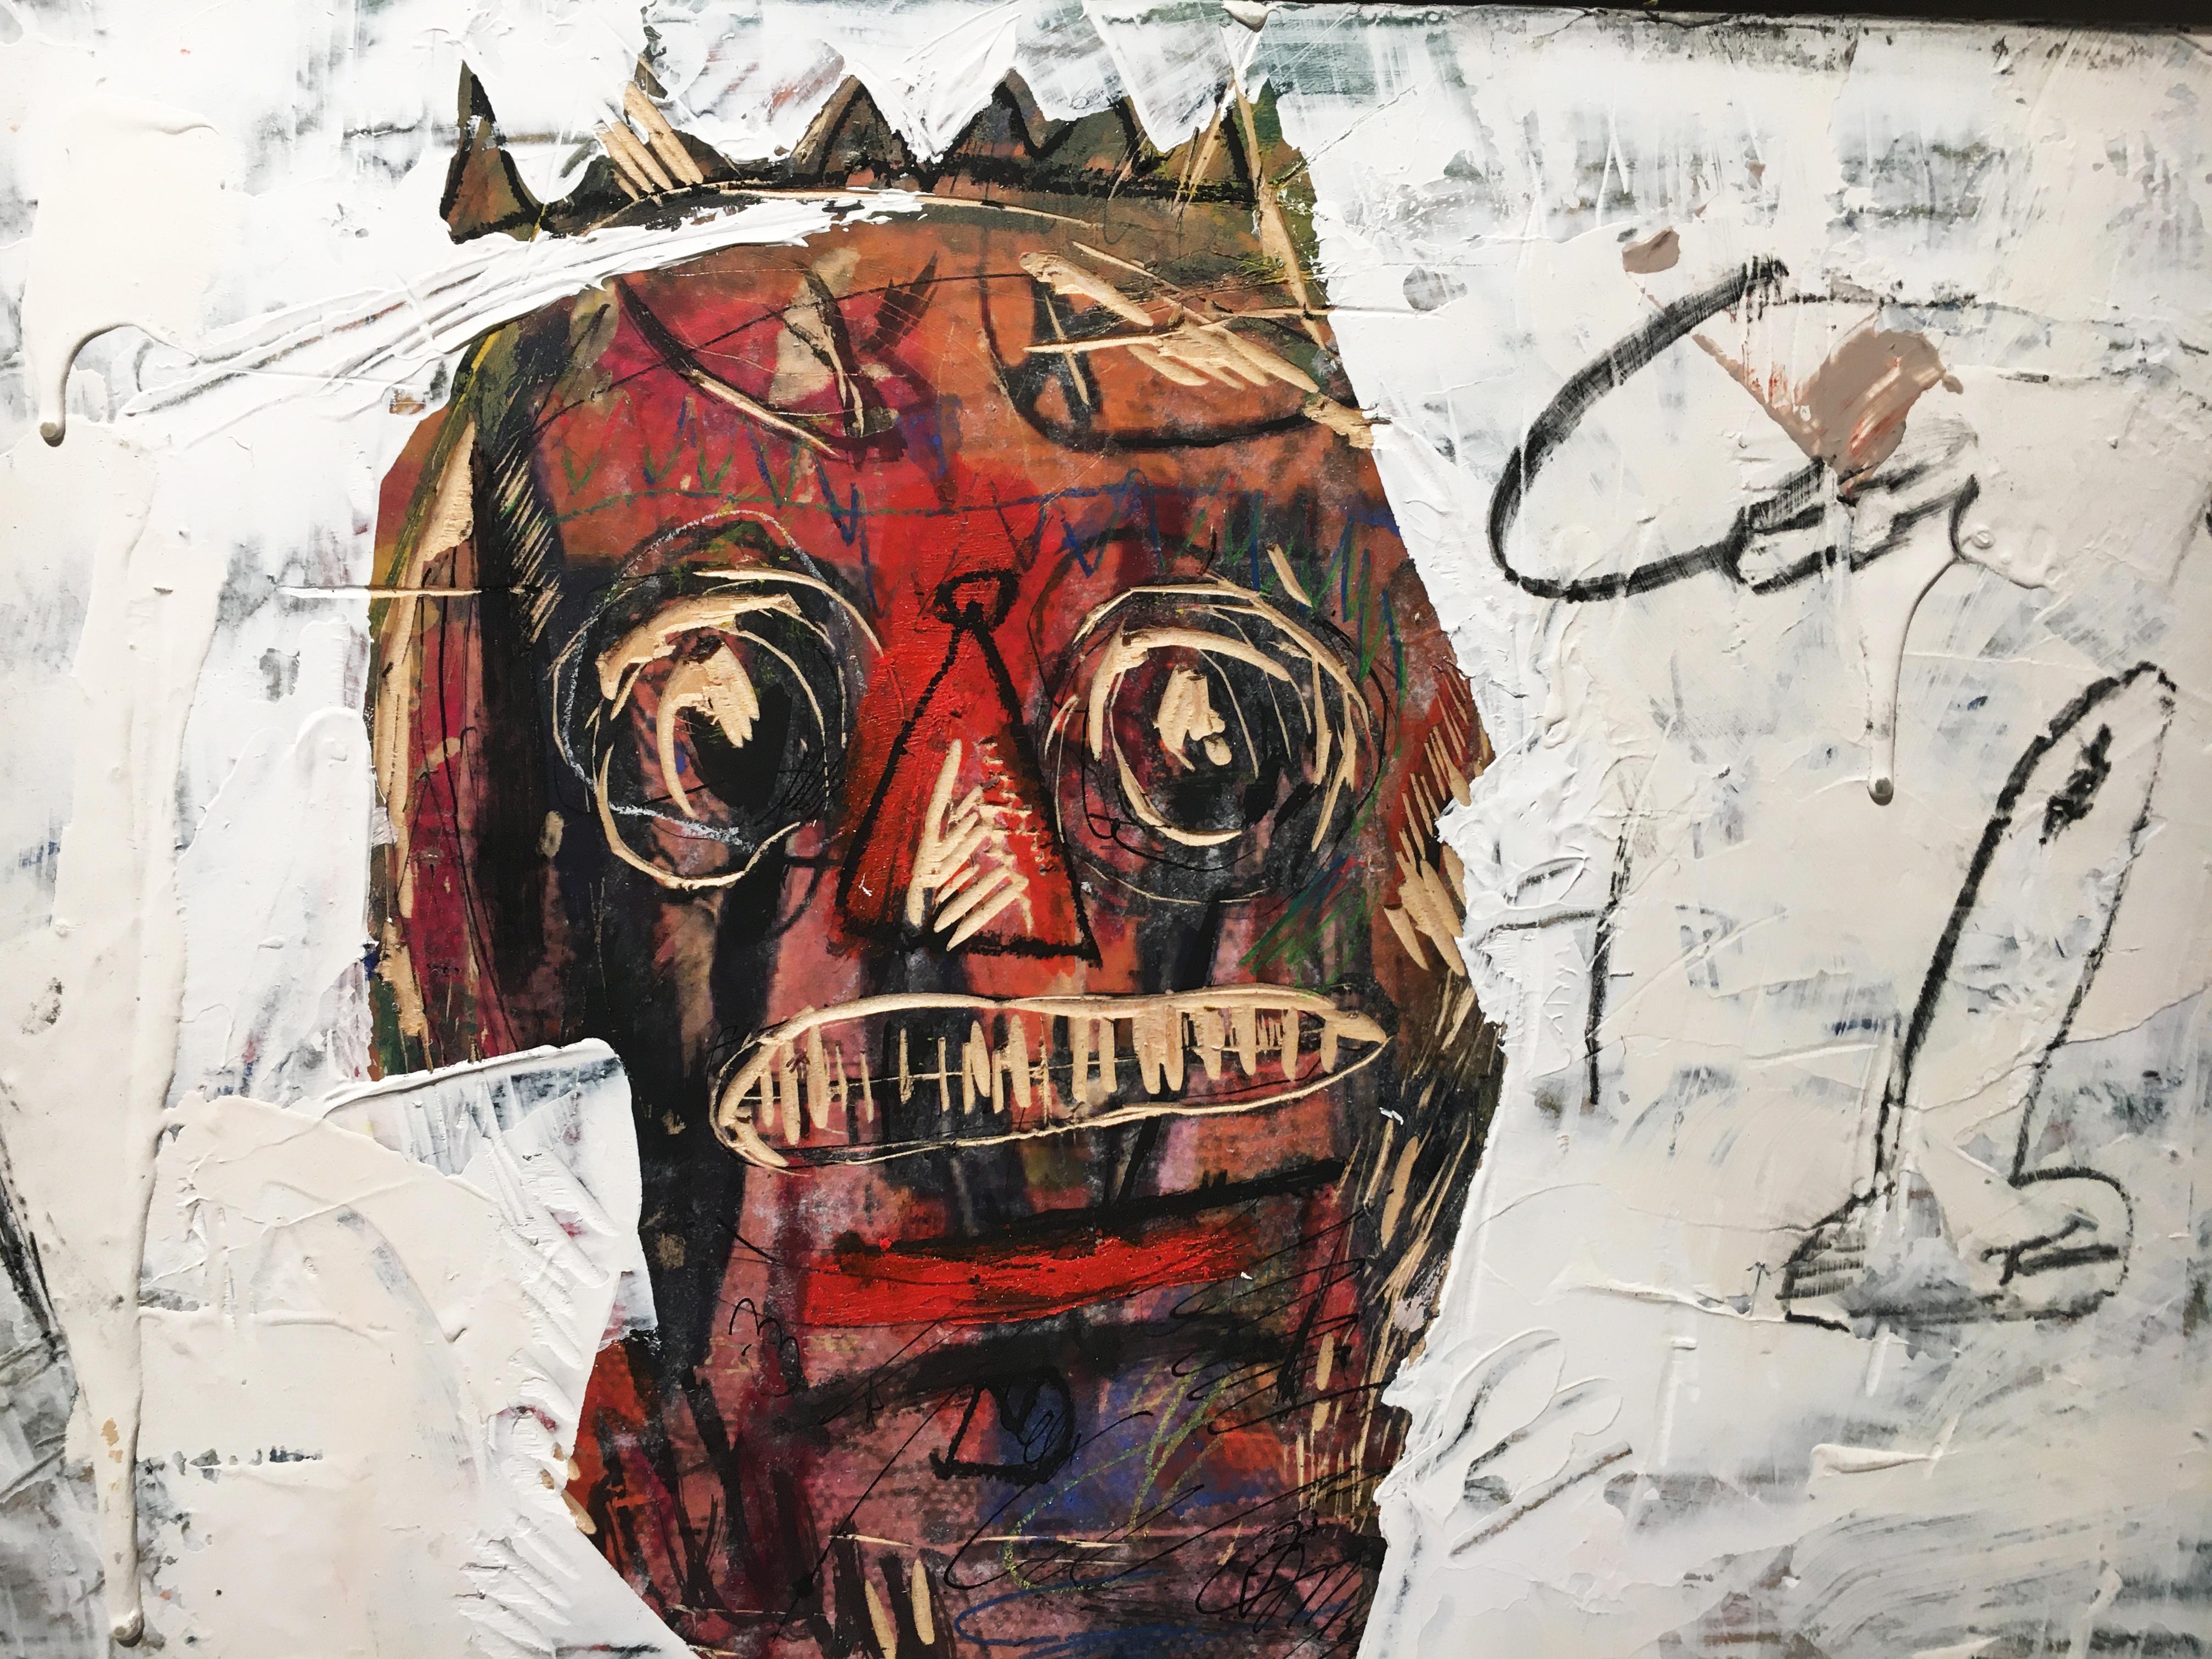 張瓊方,《一人分飾二角》,30 x 45 cm,油彩、蠟筆、畫布、壓克力板,2020。